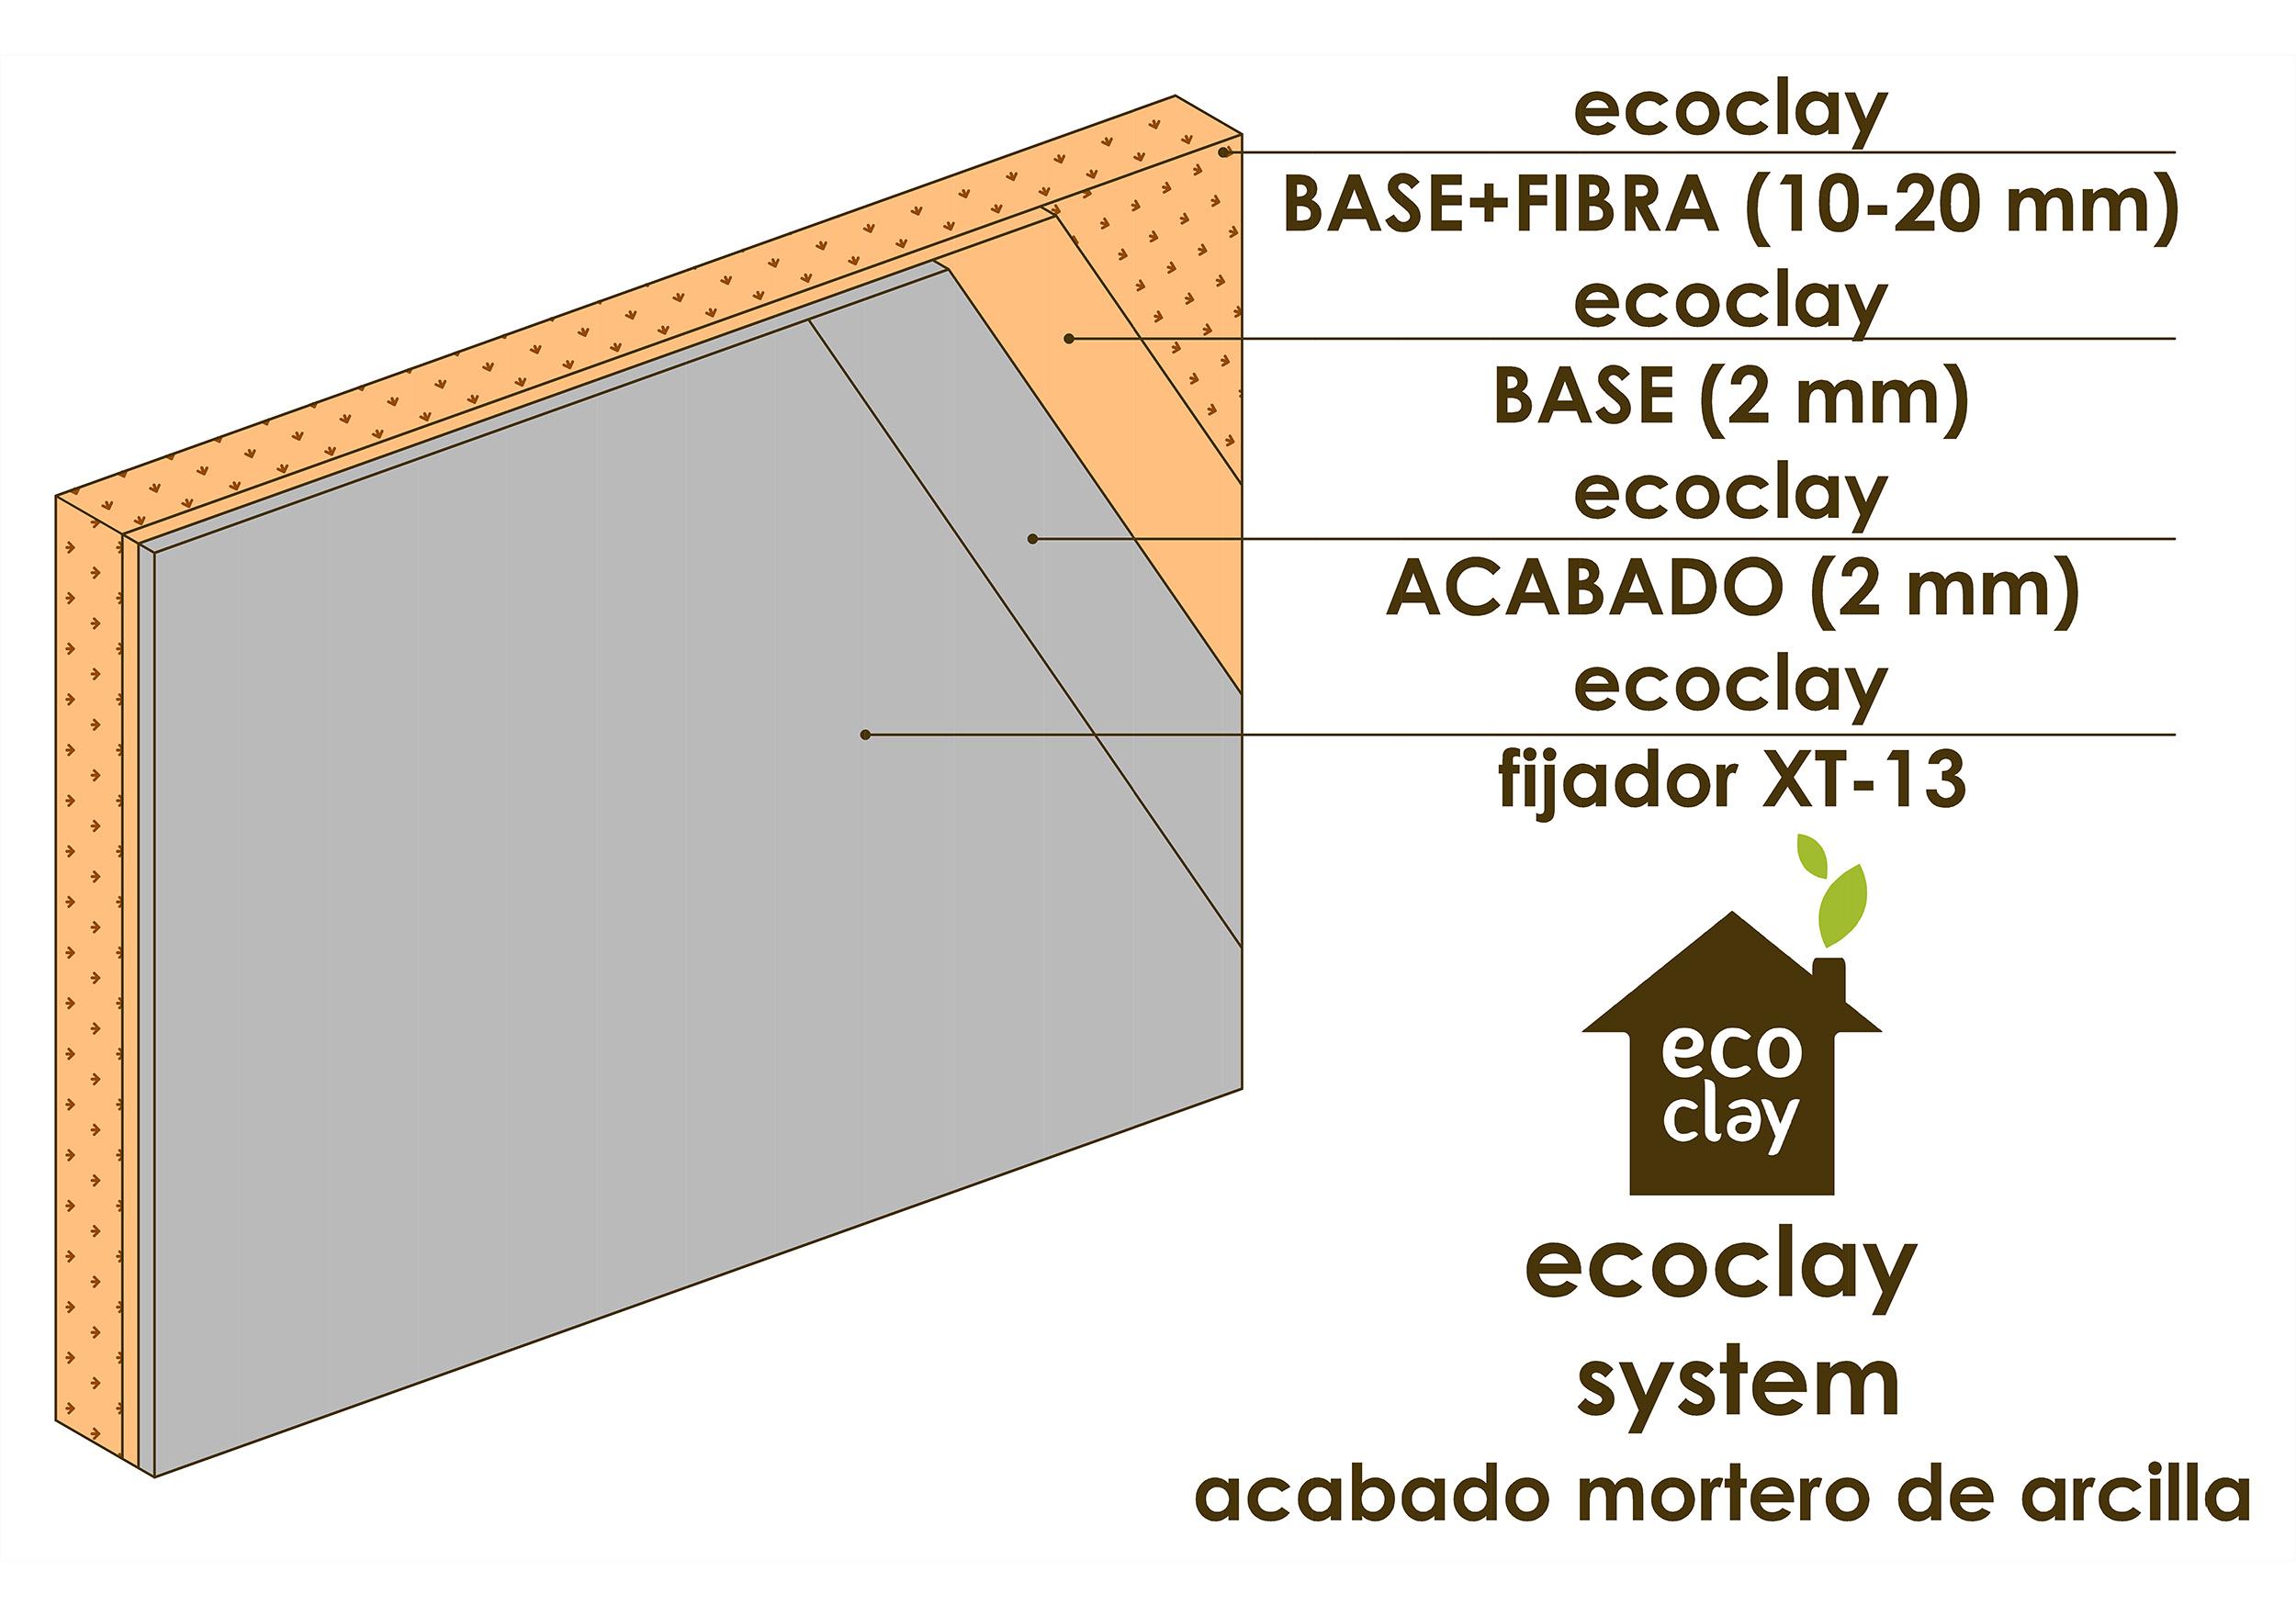 ecoclay SYSTEM, acabado mortero de arcilla, ecoclay ACABADO